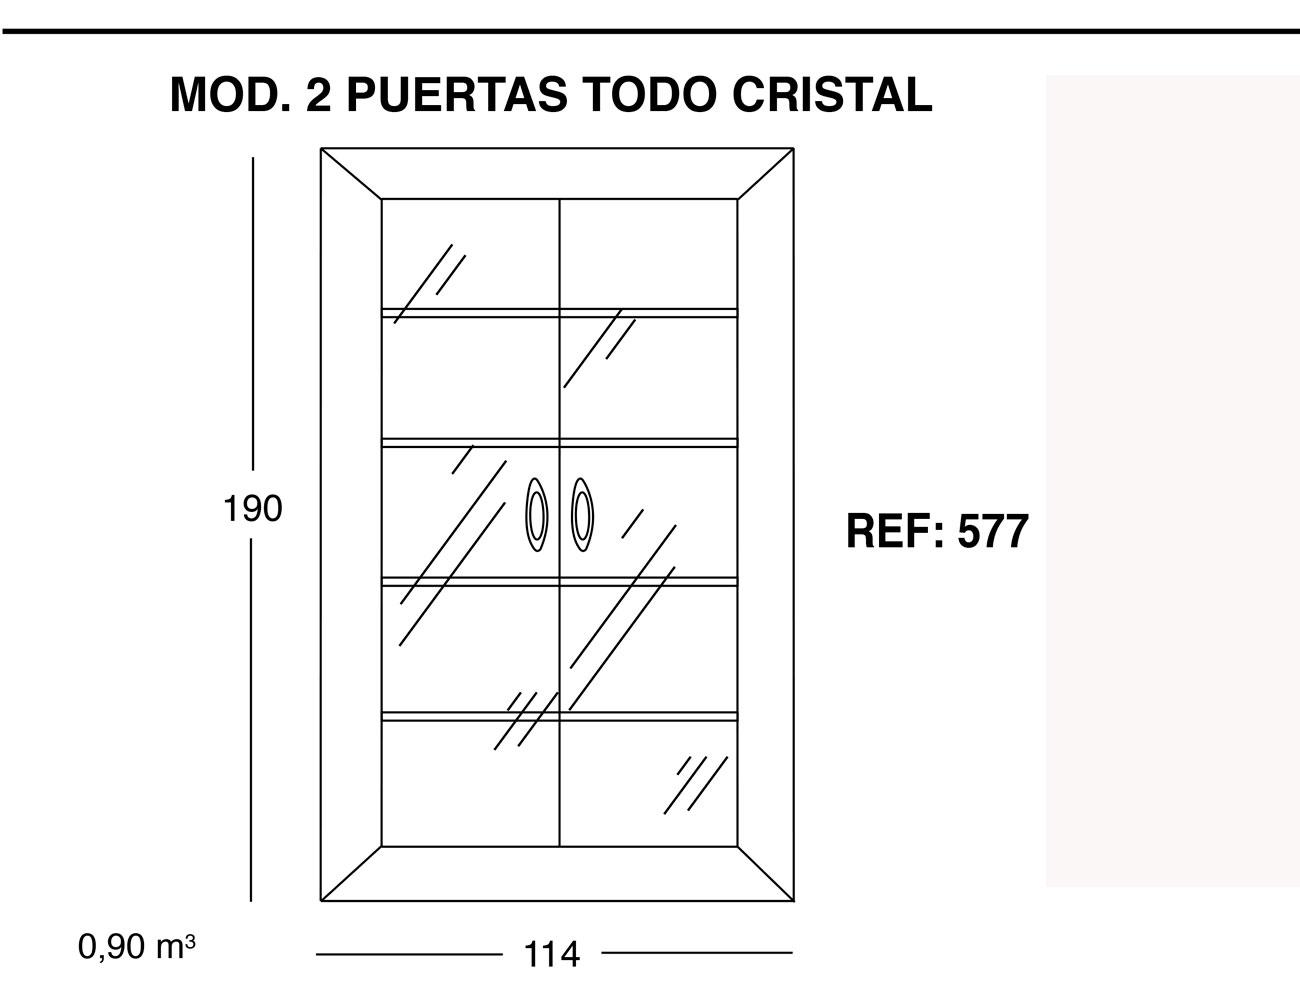 Modulo 2 puertas todo cristal 190 114